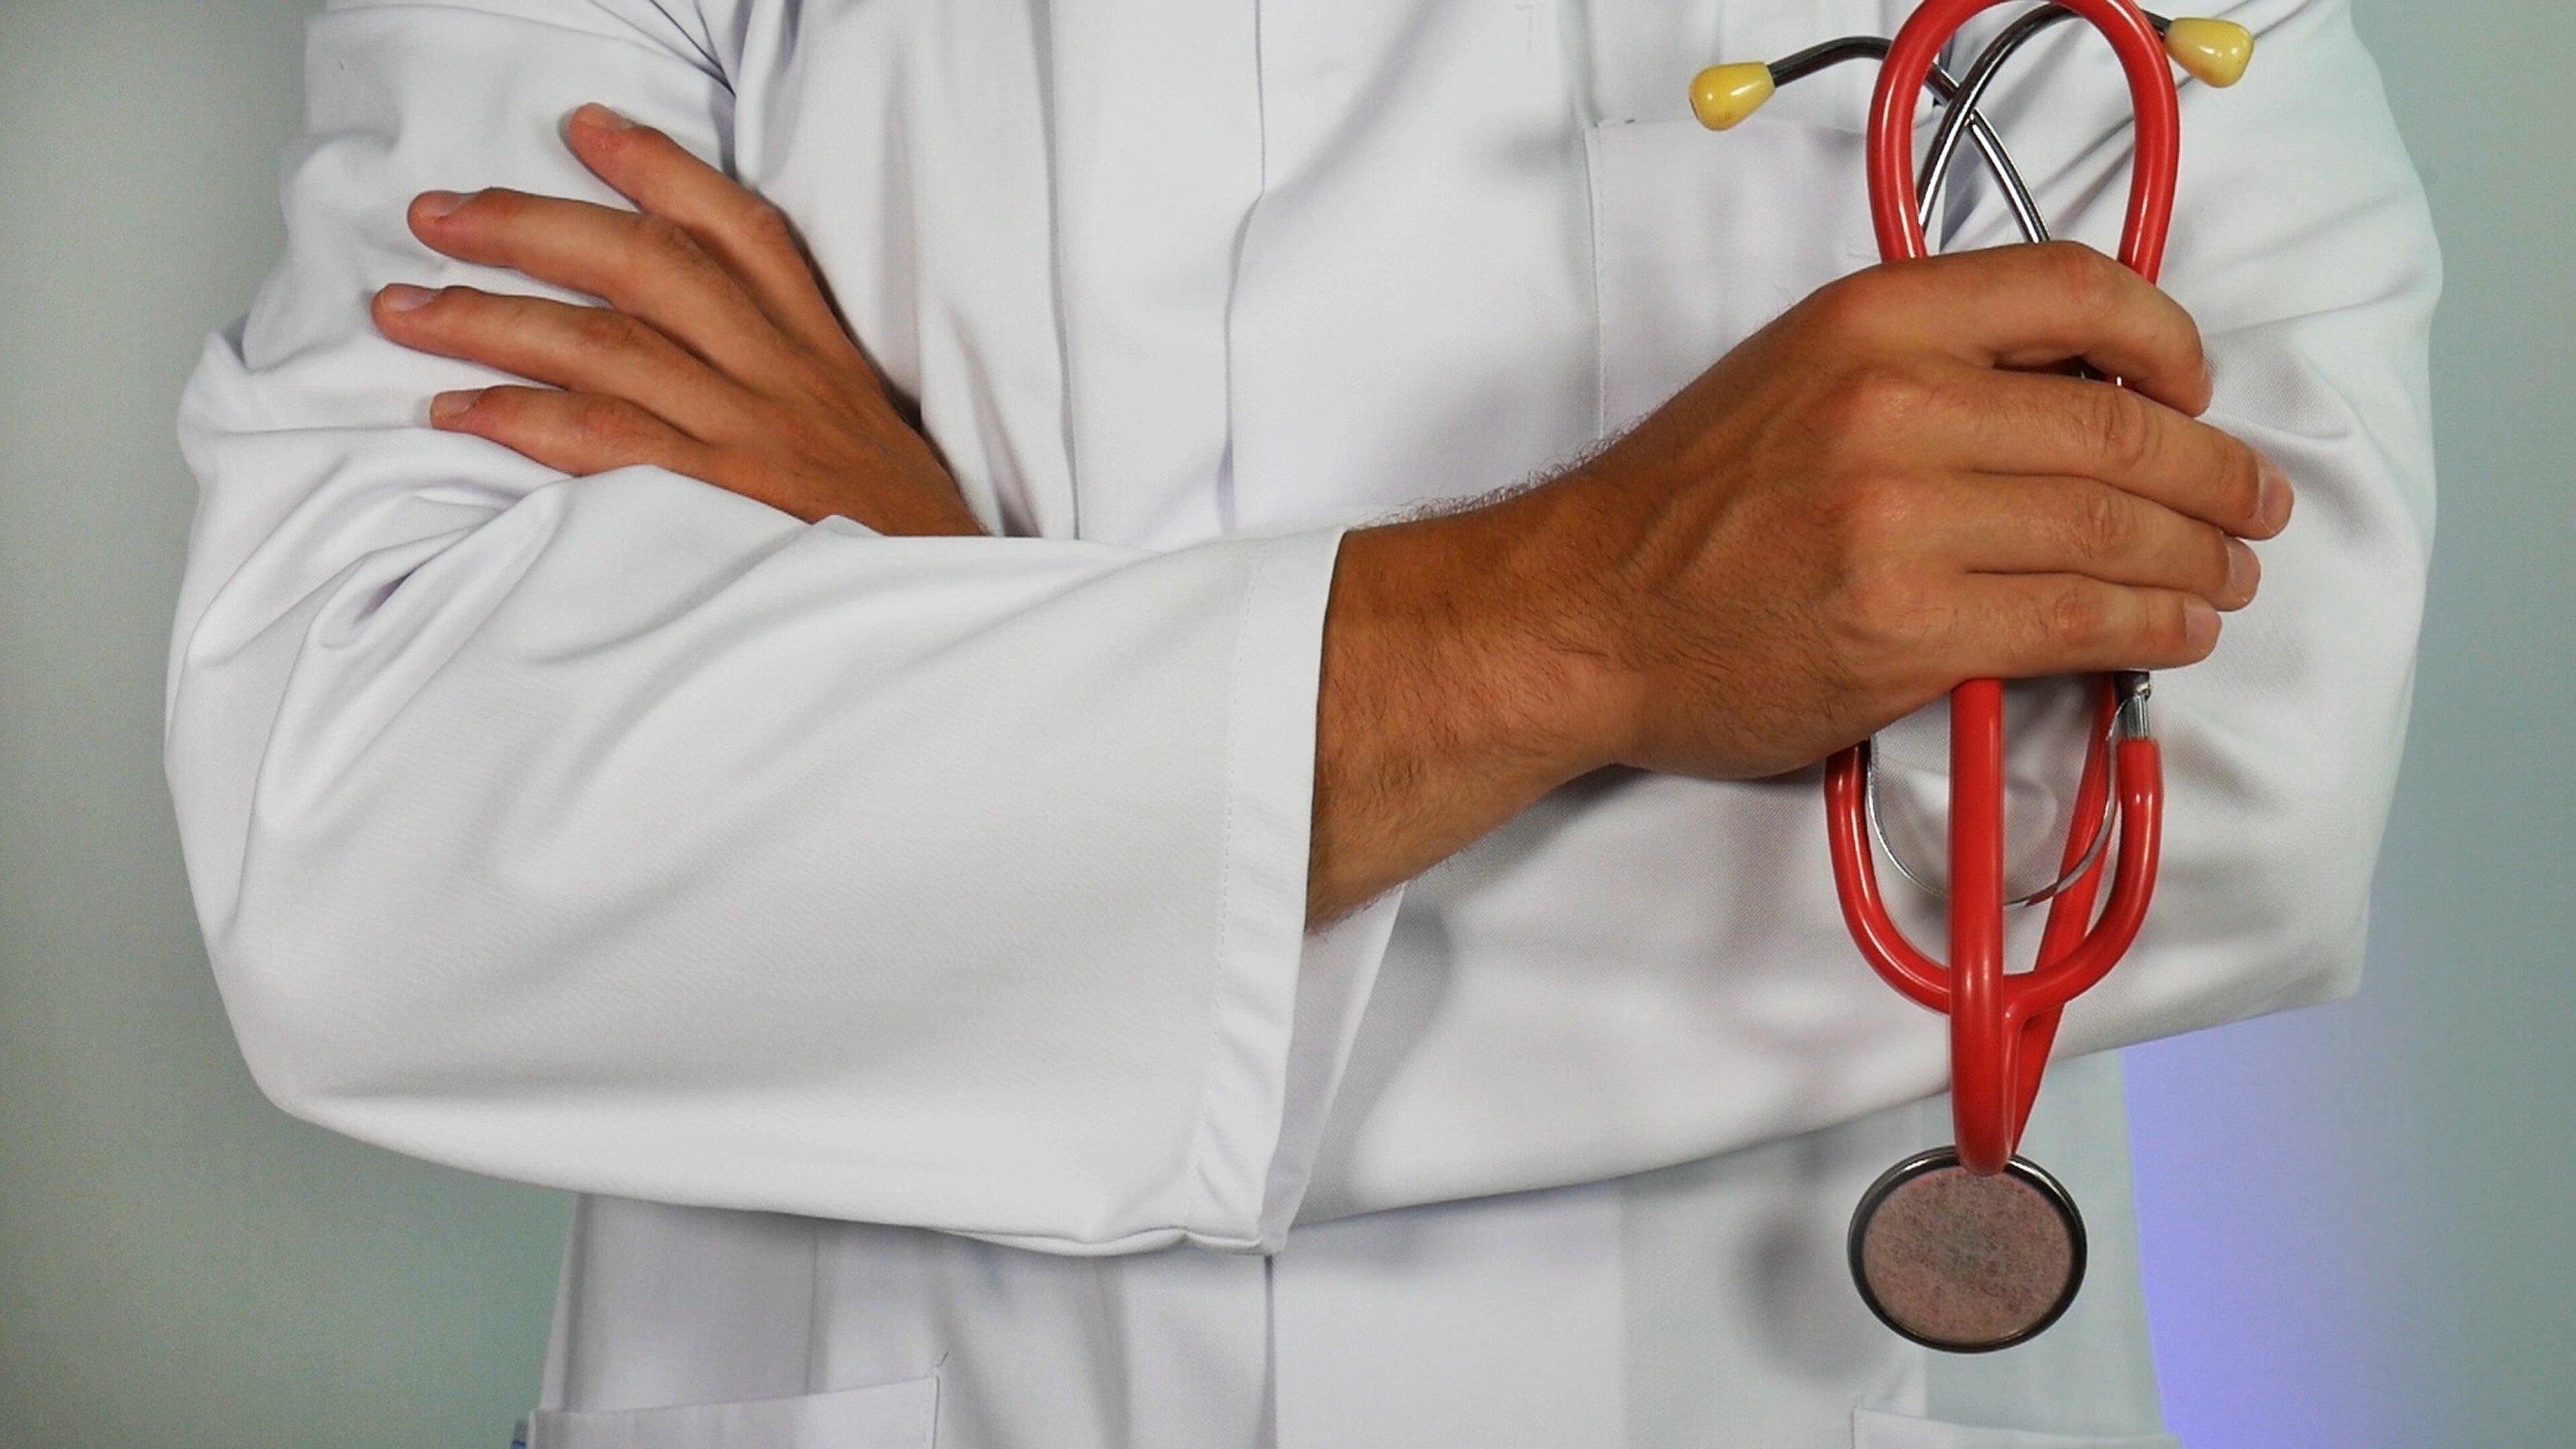 Un Docteur qui tient un stéthoscope | Source : Unsplash